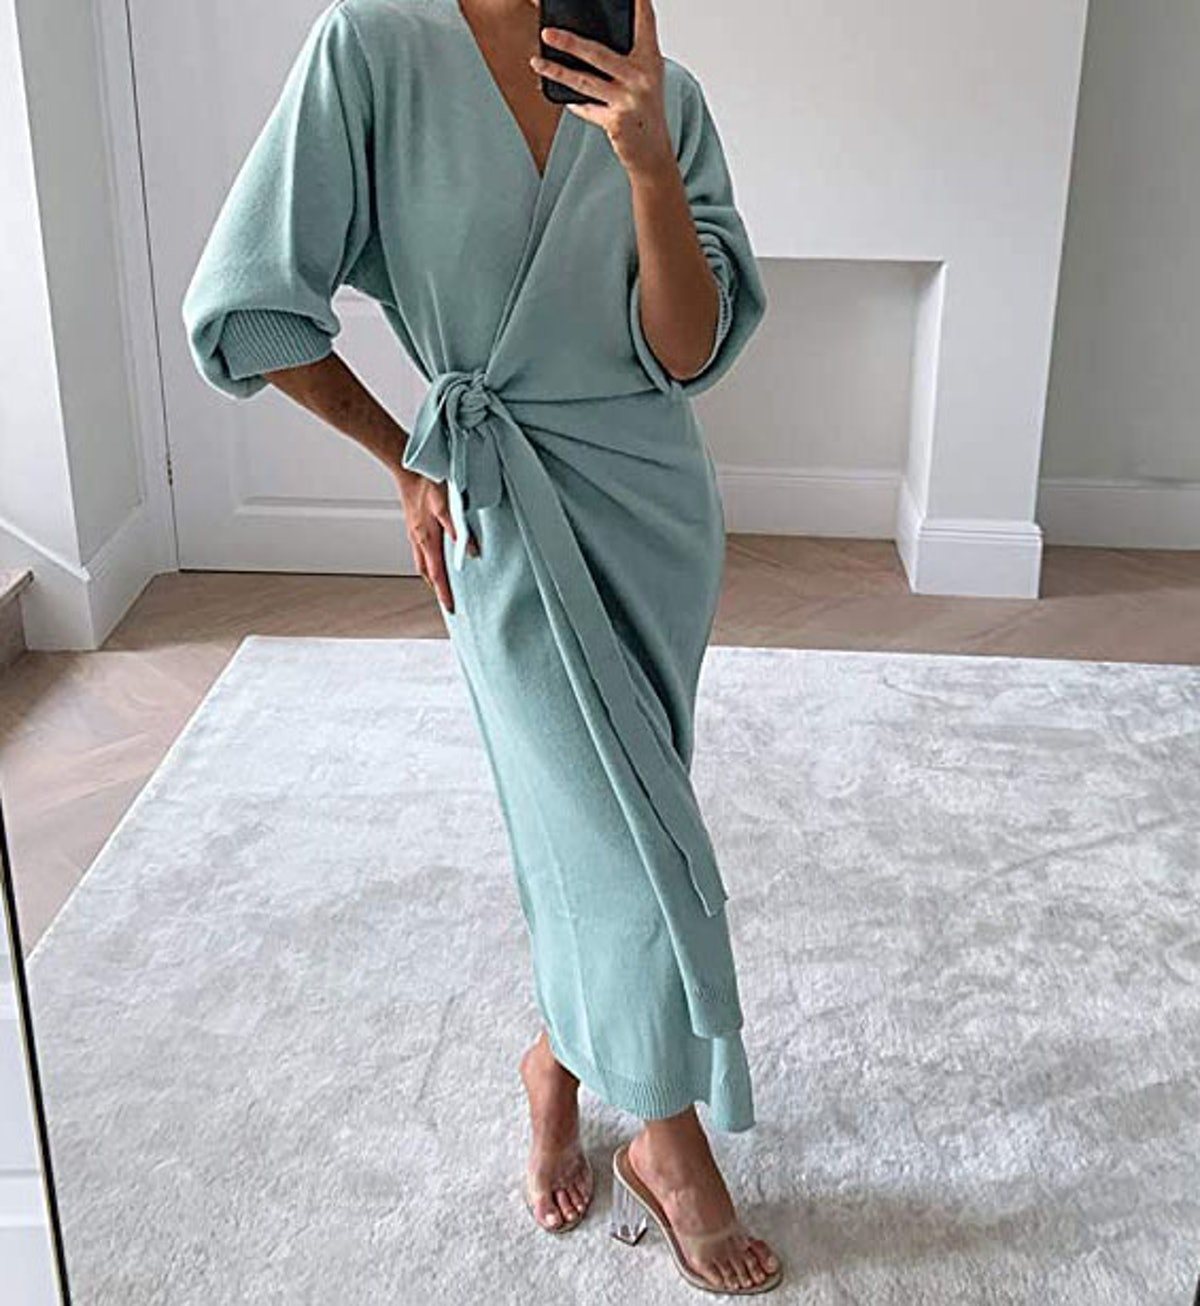 EXLURA Knit Sweater Dress